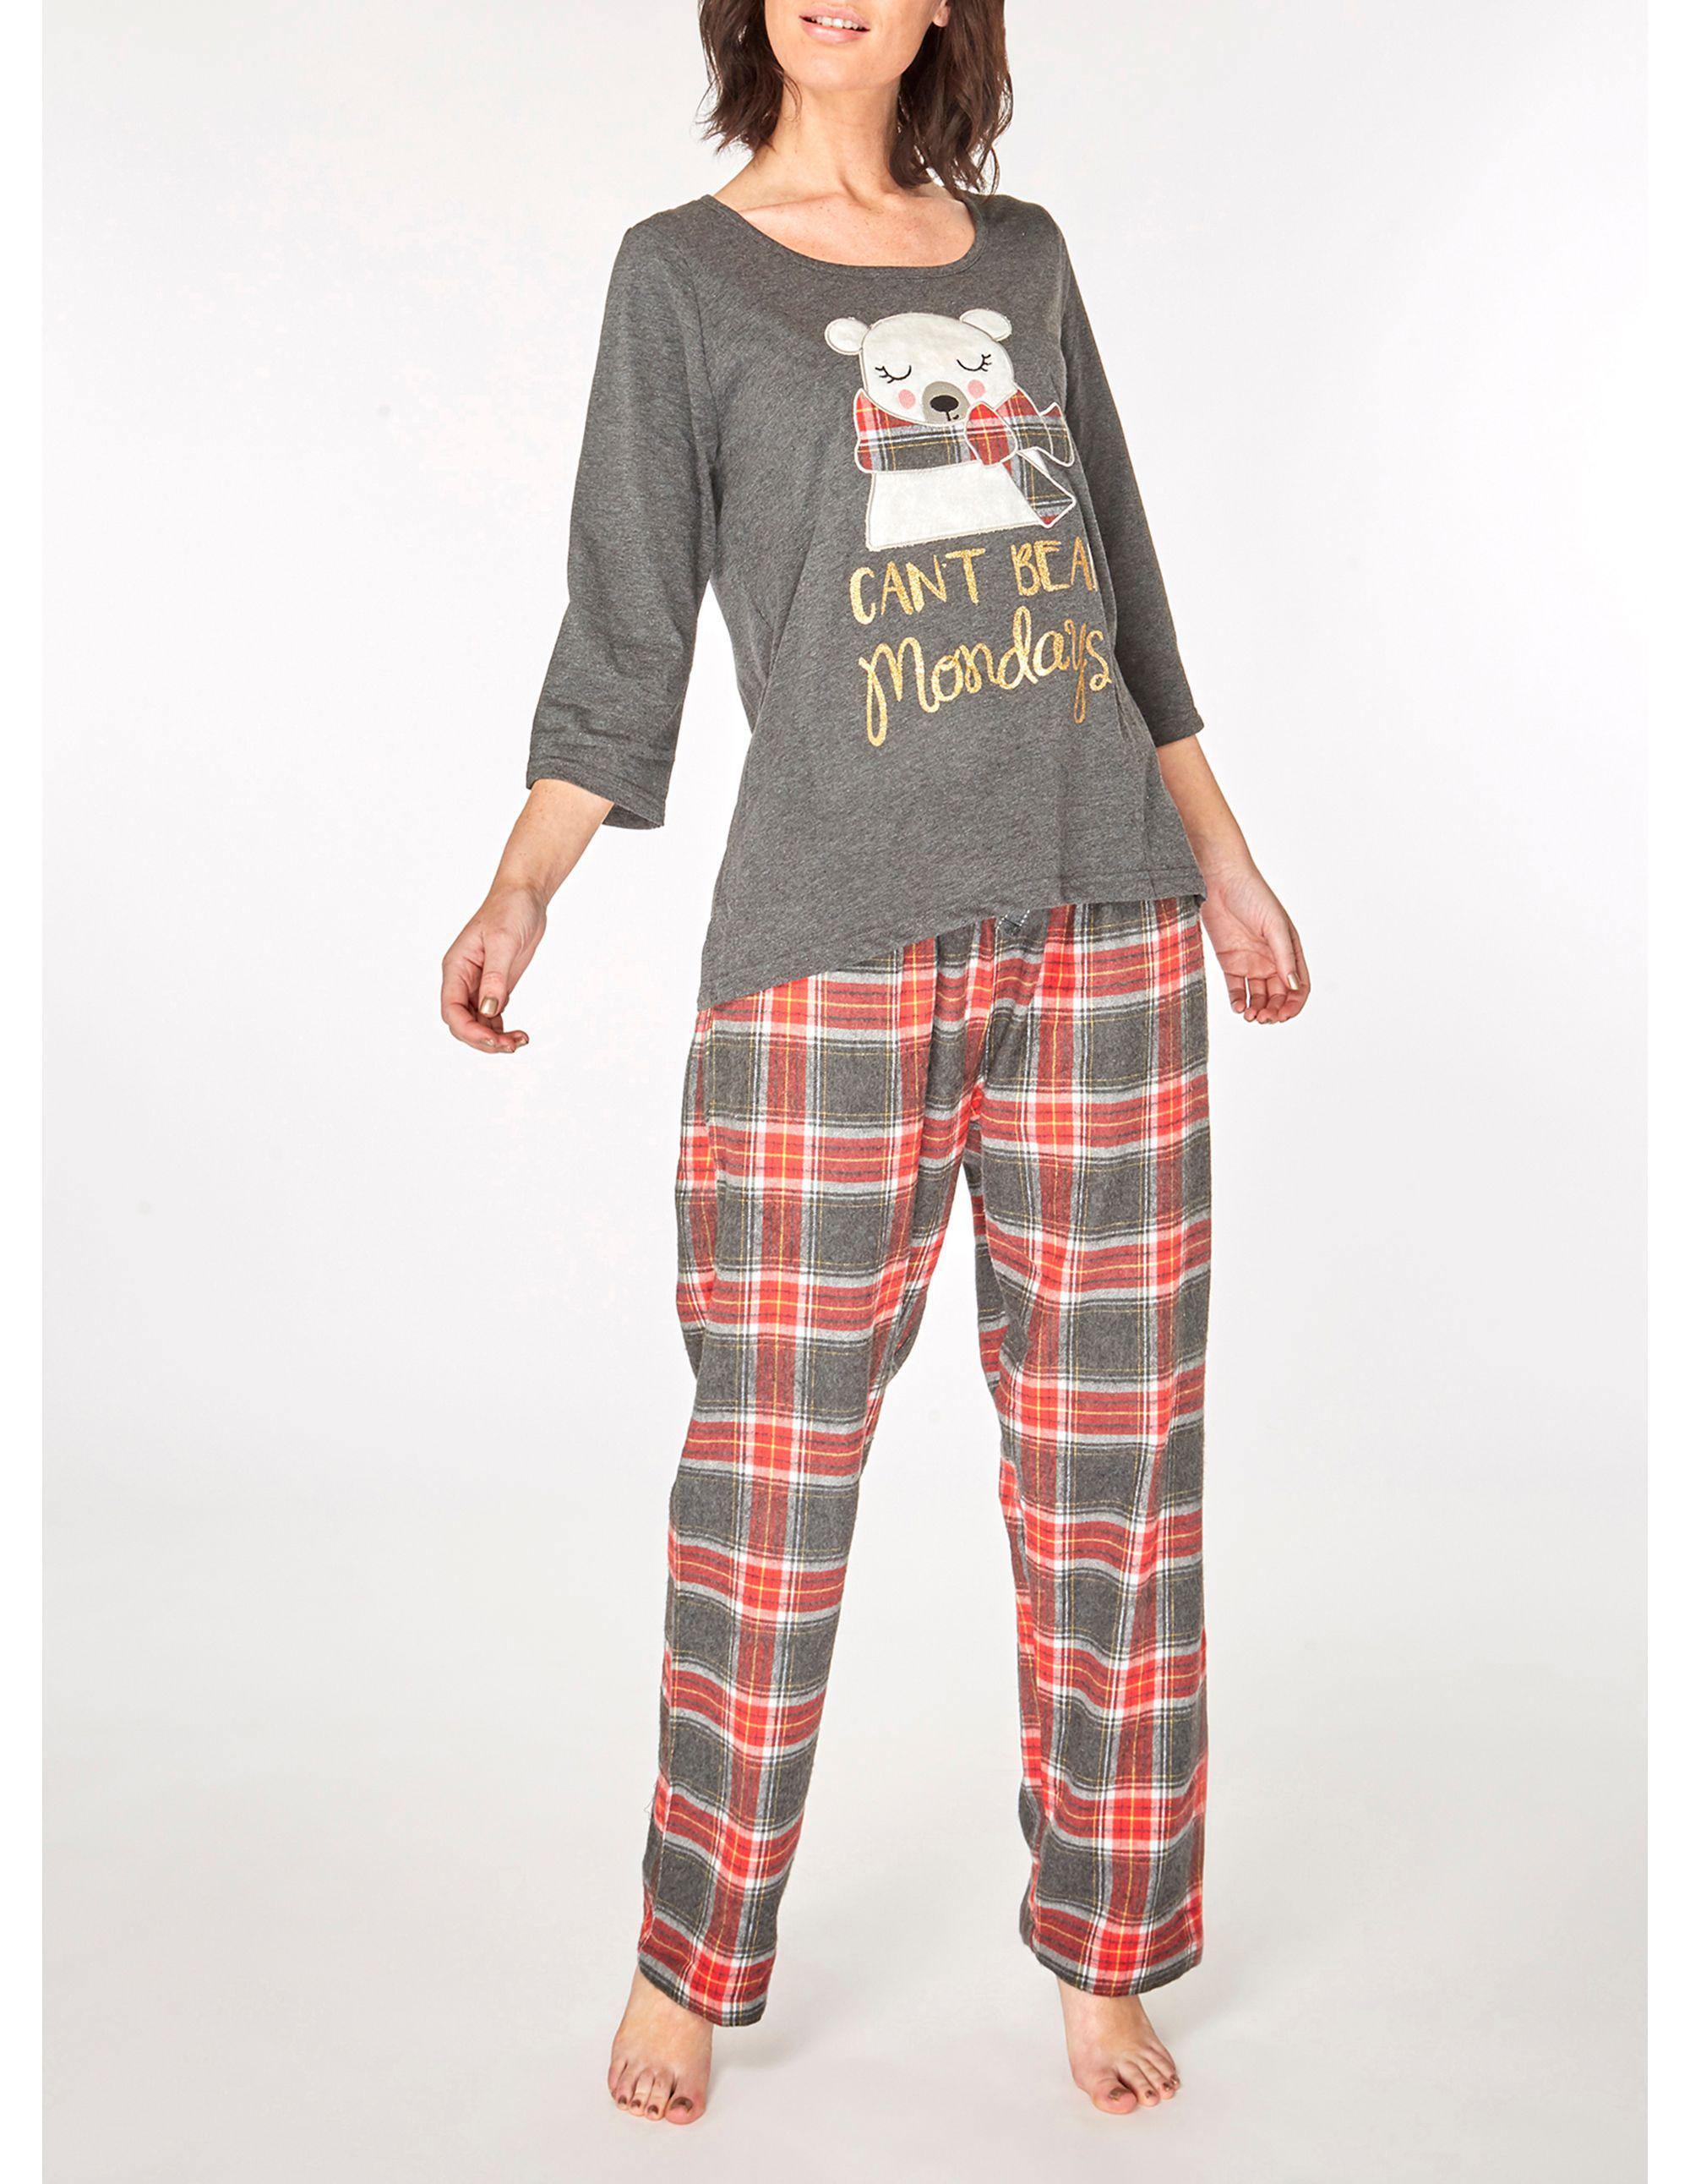 77e1d9f8b7 Dorothy Perkins. Women s Gray Grey Can t Bear Monday s Pyjama Set. £20 £16 From  Debenhams